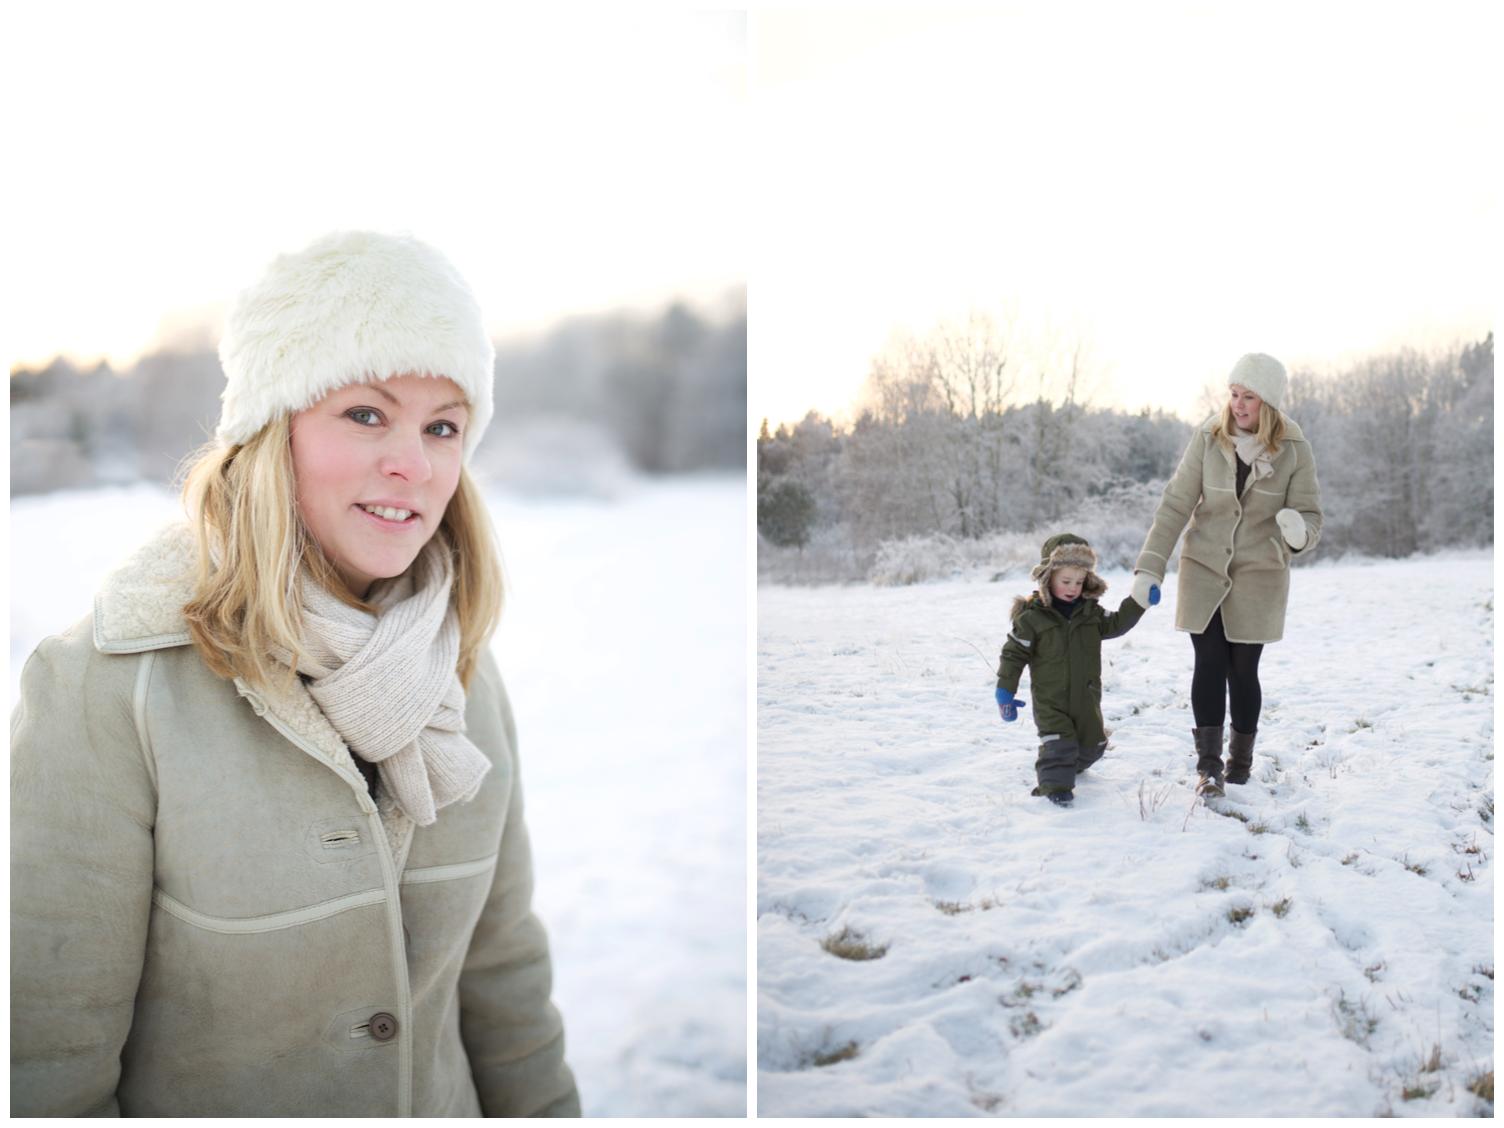 Familjefotografering i vackraste vinterljuset i Täby med fotograf Erika Aminoff